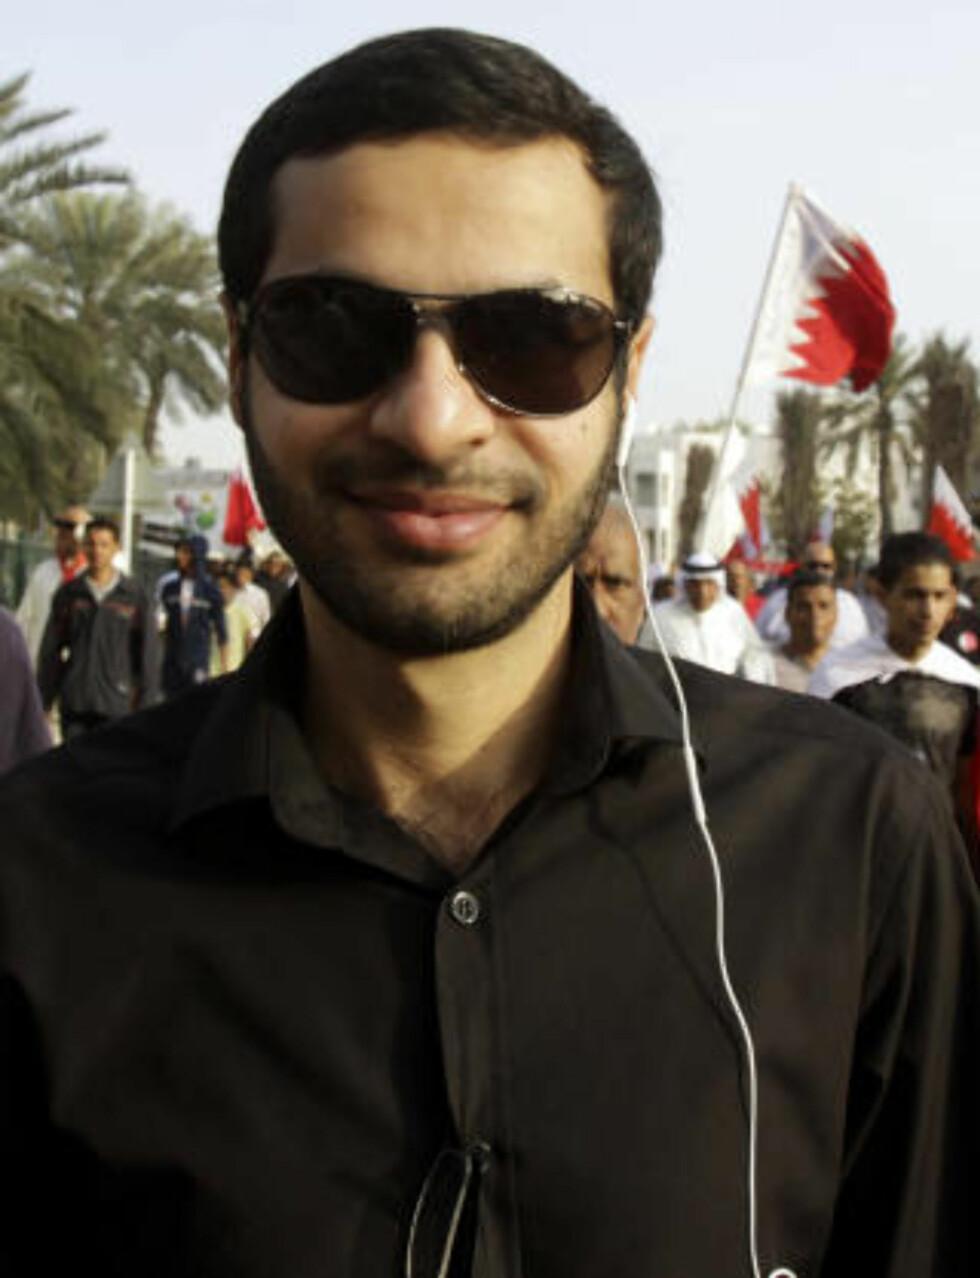 BORTE: Ali Abdulemam er ansett som en av de viktigste aktivistene i Bahrain. Her går han sammen med andre tidligere politiske fanger til Perleplassen i Manama. Foto: AP Photo/Hasan Jamali/Scanpix